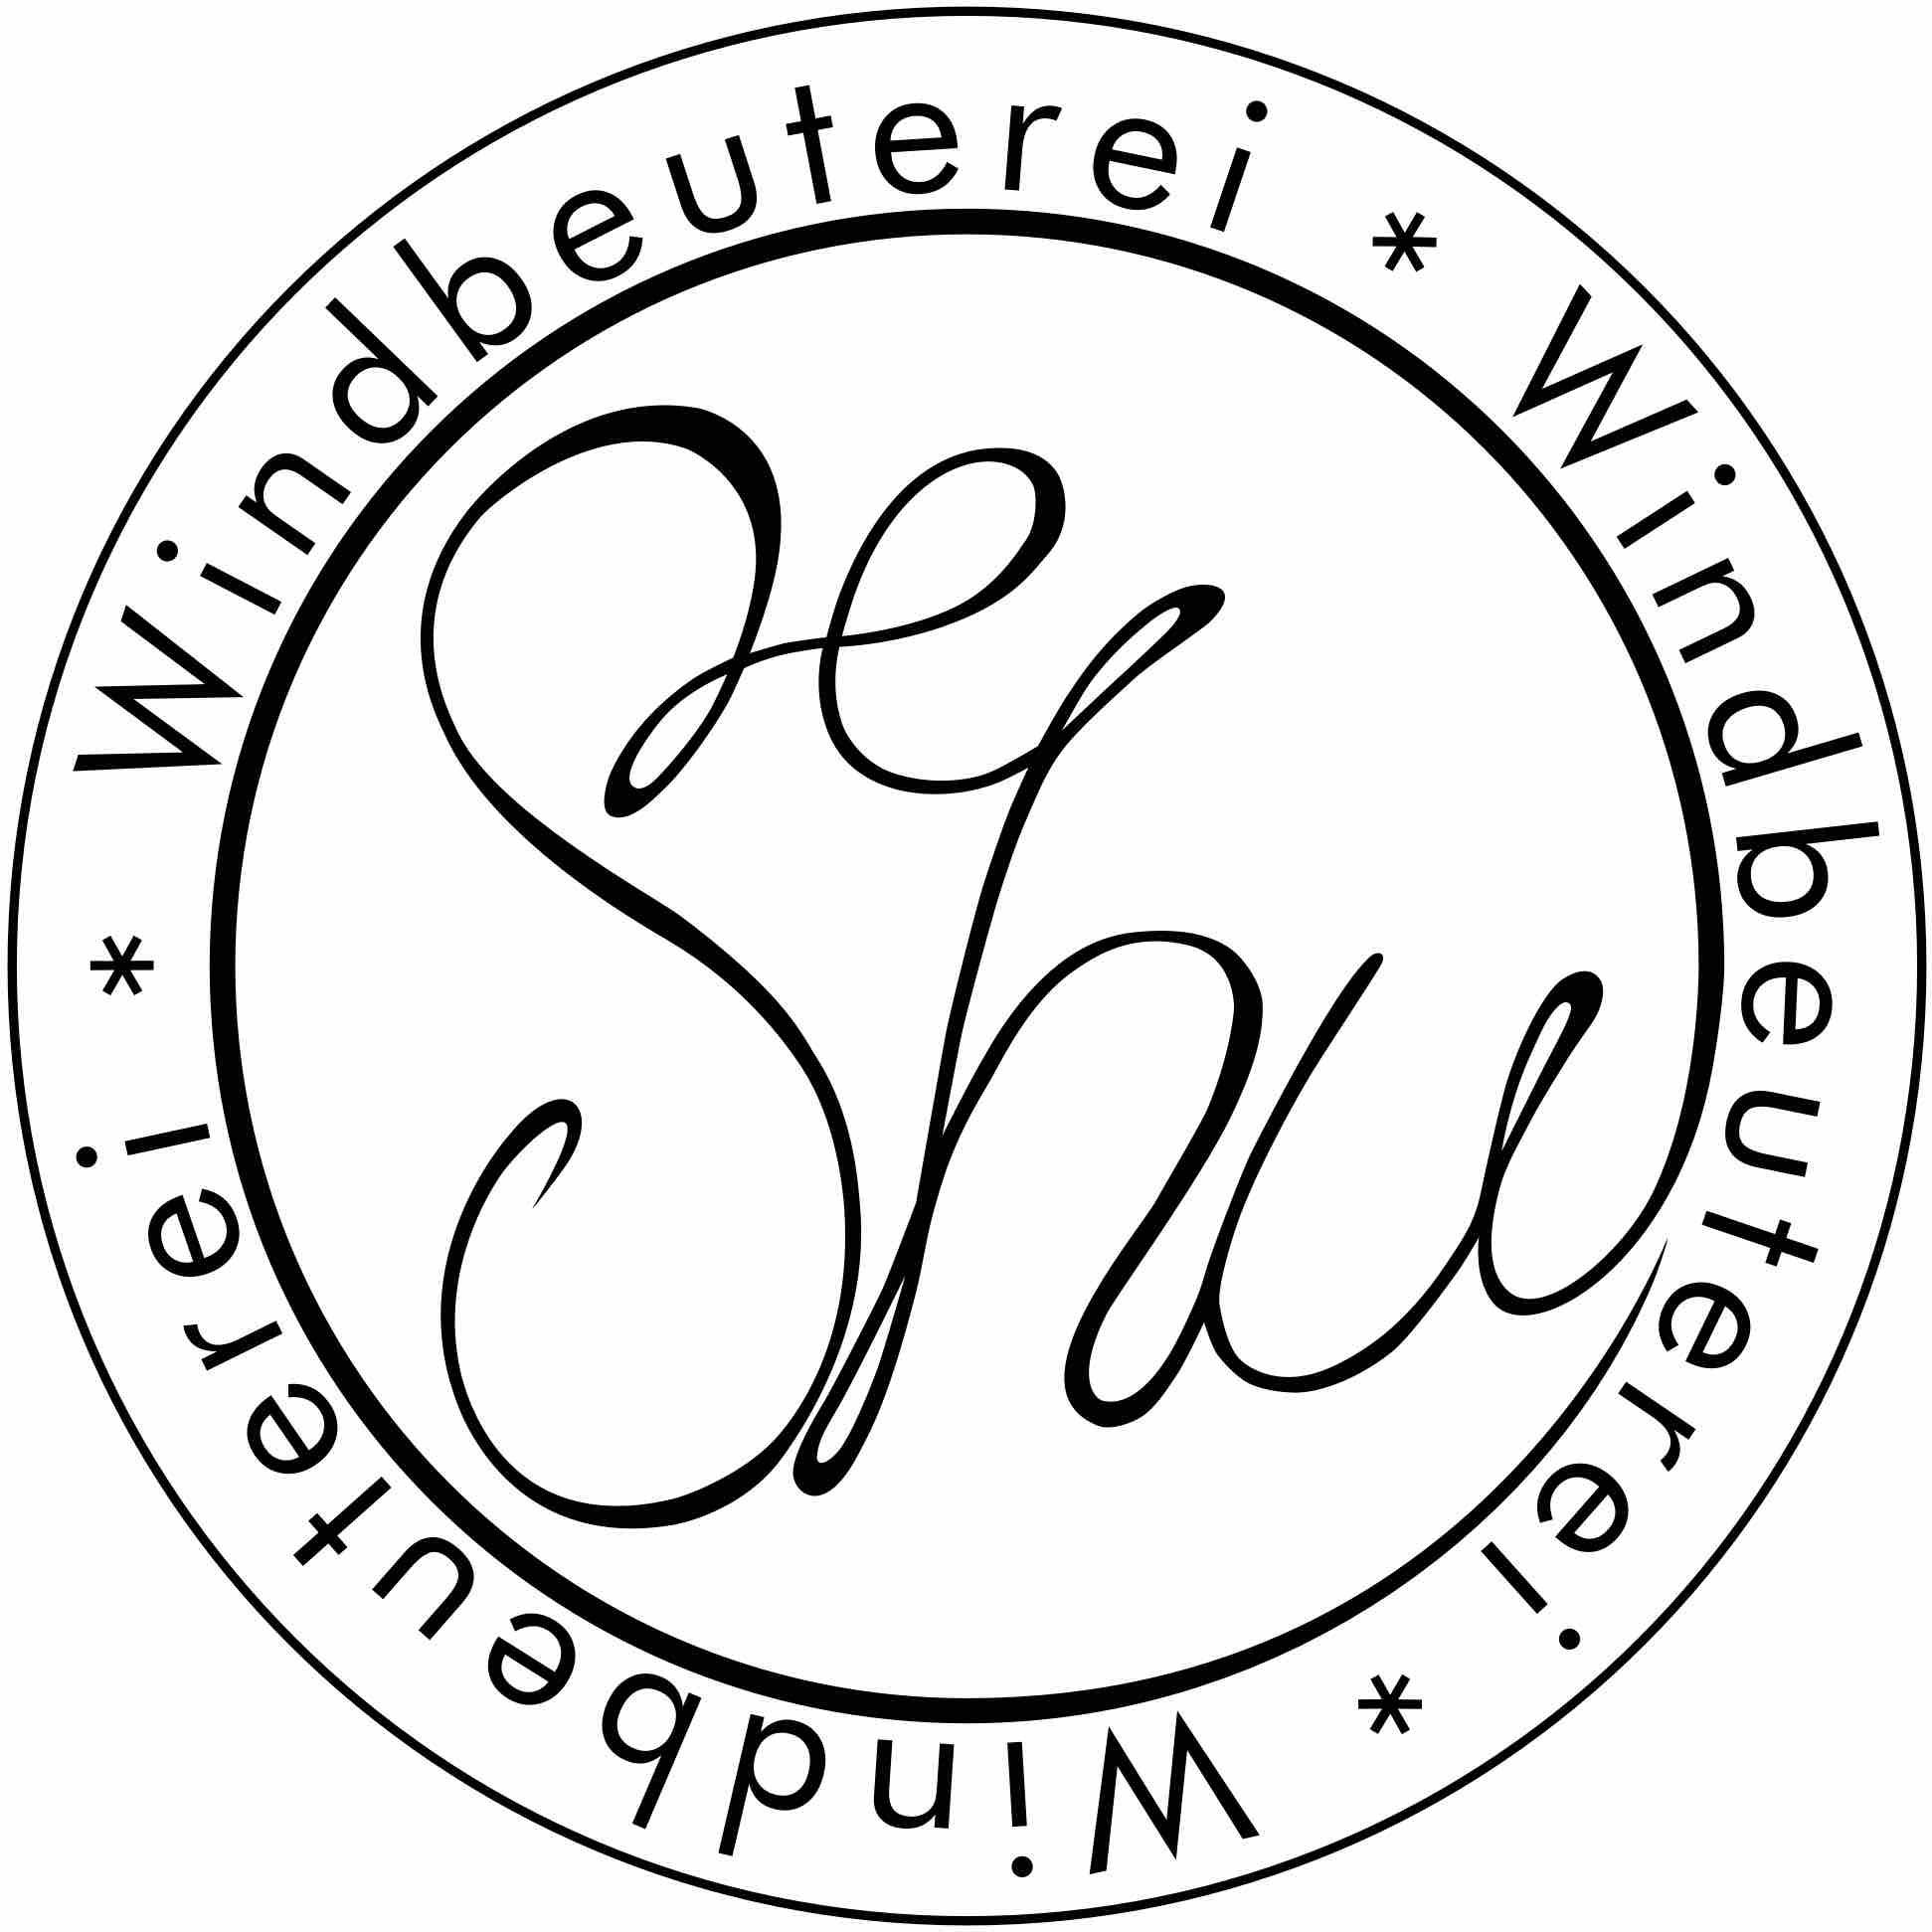 Wort-/Bildmarke: SeShu Windbeuterei * Windbeuterei * Windbeuterei